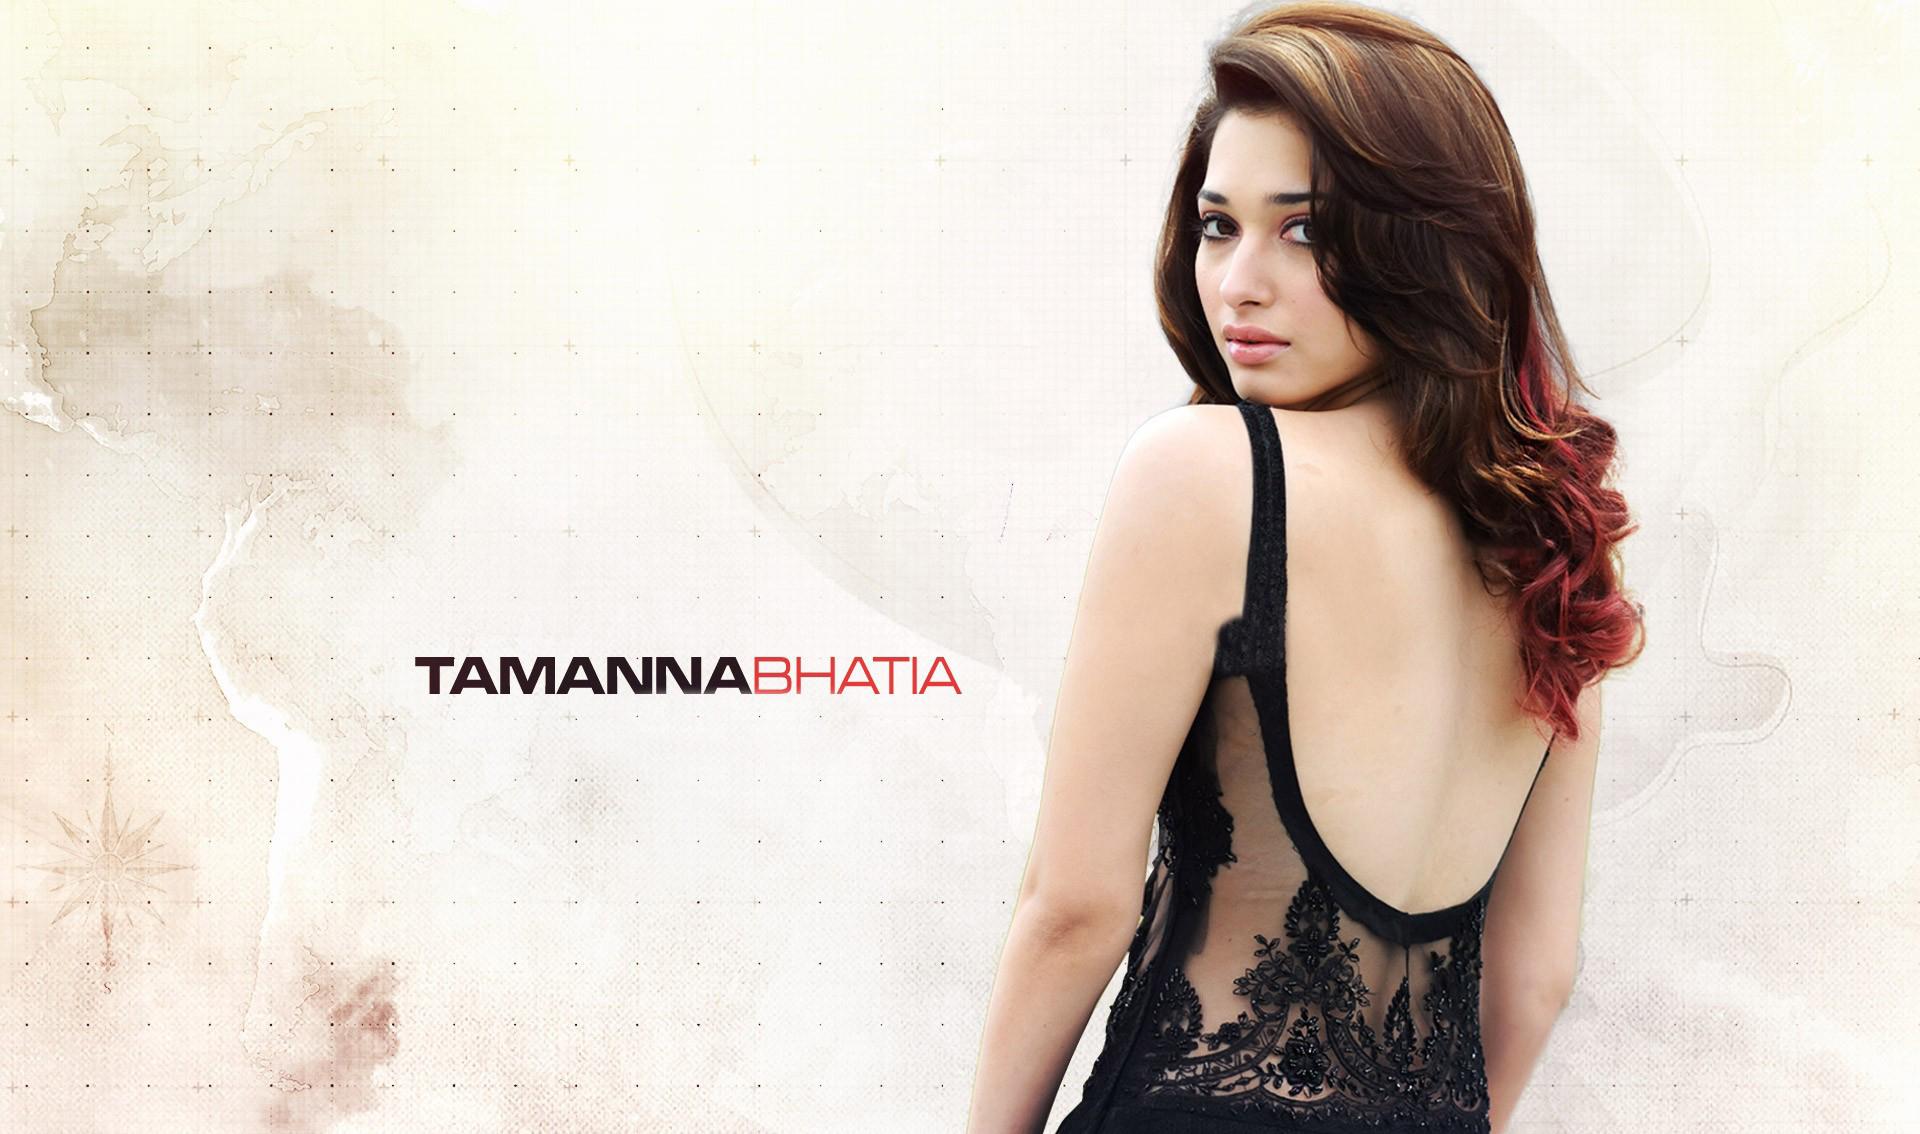 Tamanna Bhatia HD Desktop